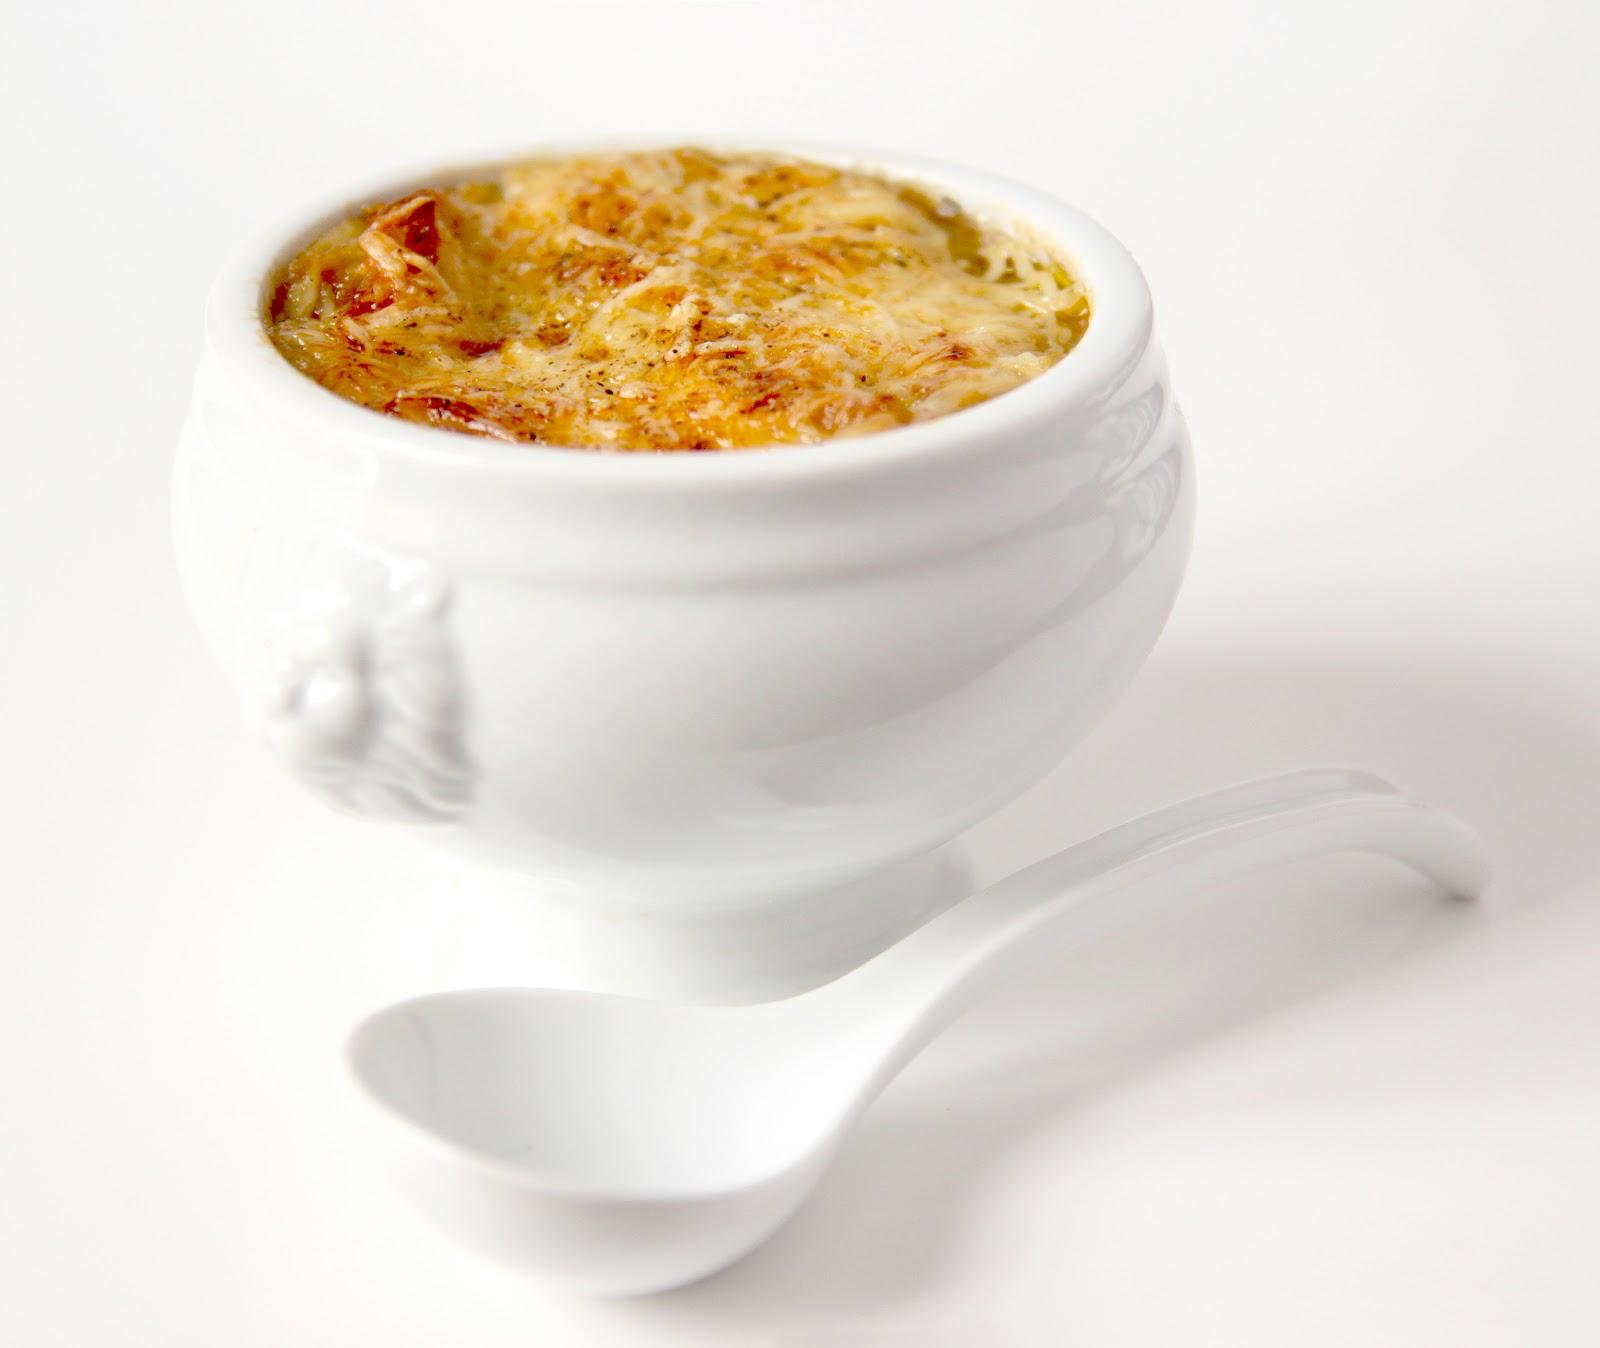 La cuisine de bernard soupe gratin e l 39 oignon - Les grands classiques de la cuisine francaise ...